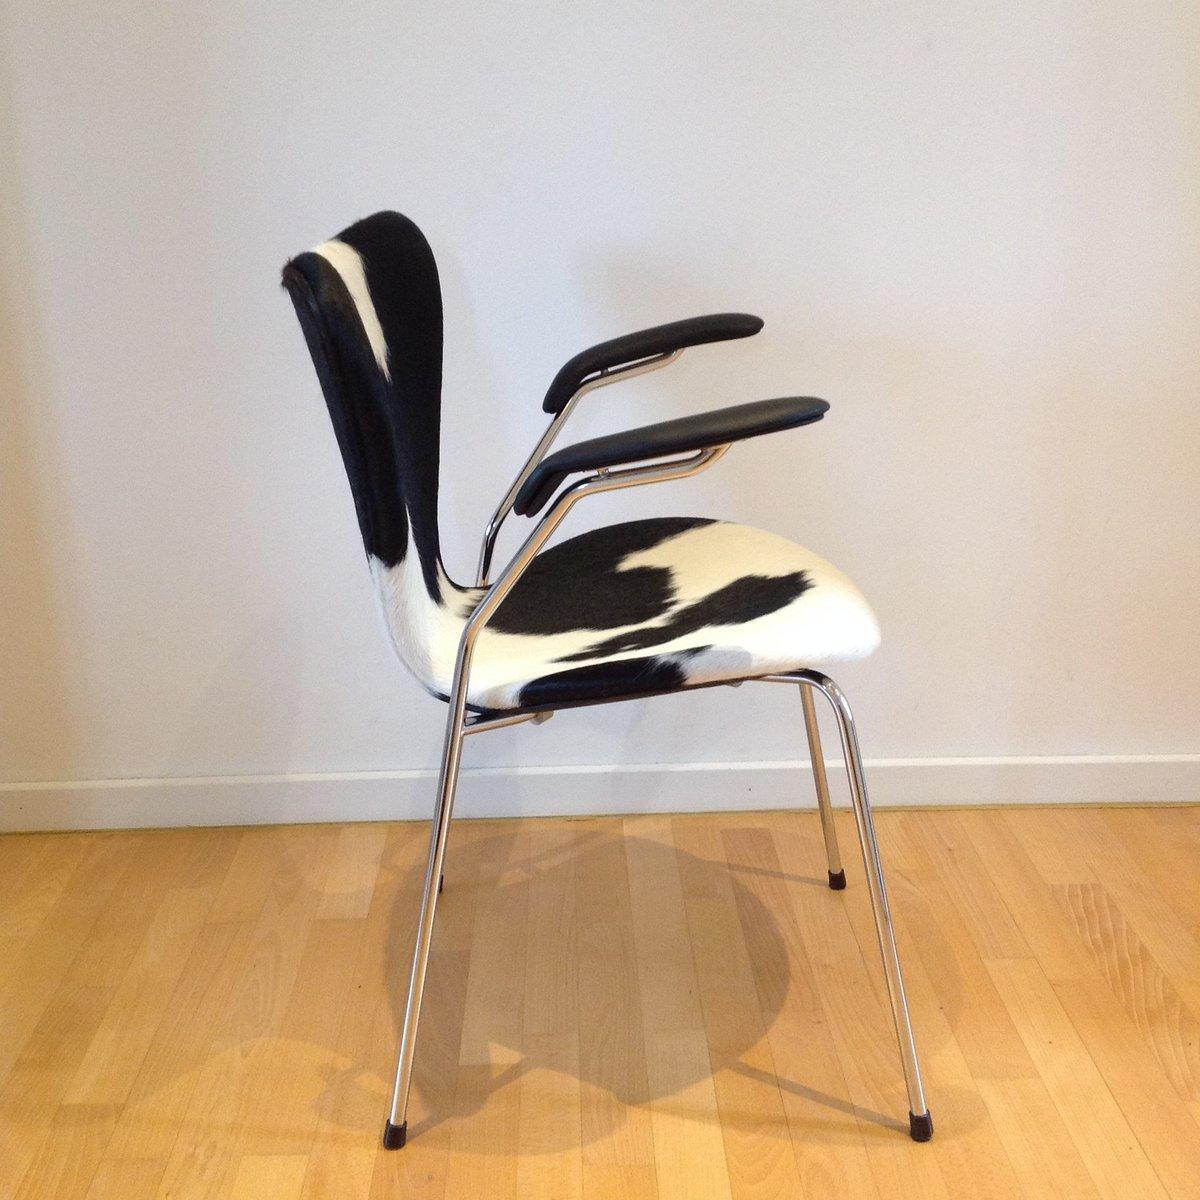 chaise de salon syveren 3207 en peau de vache par arne. Black Bedroom Furniture Sets. Home Design Ideas